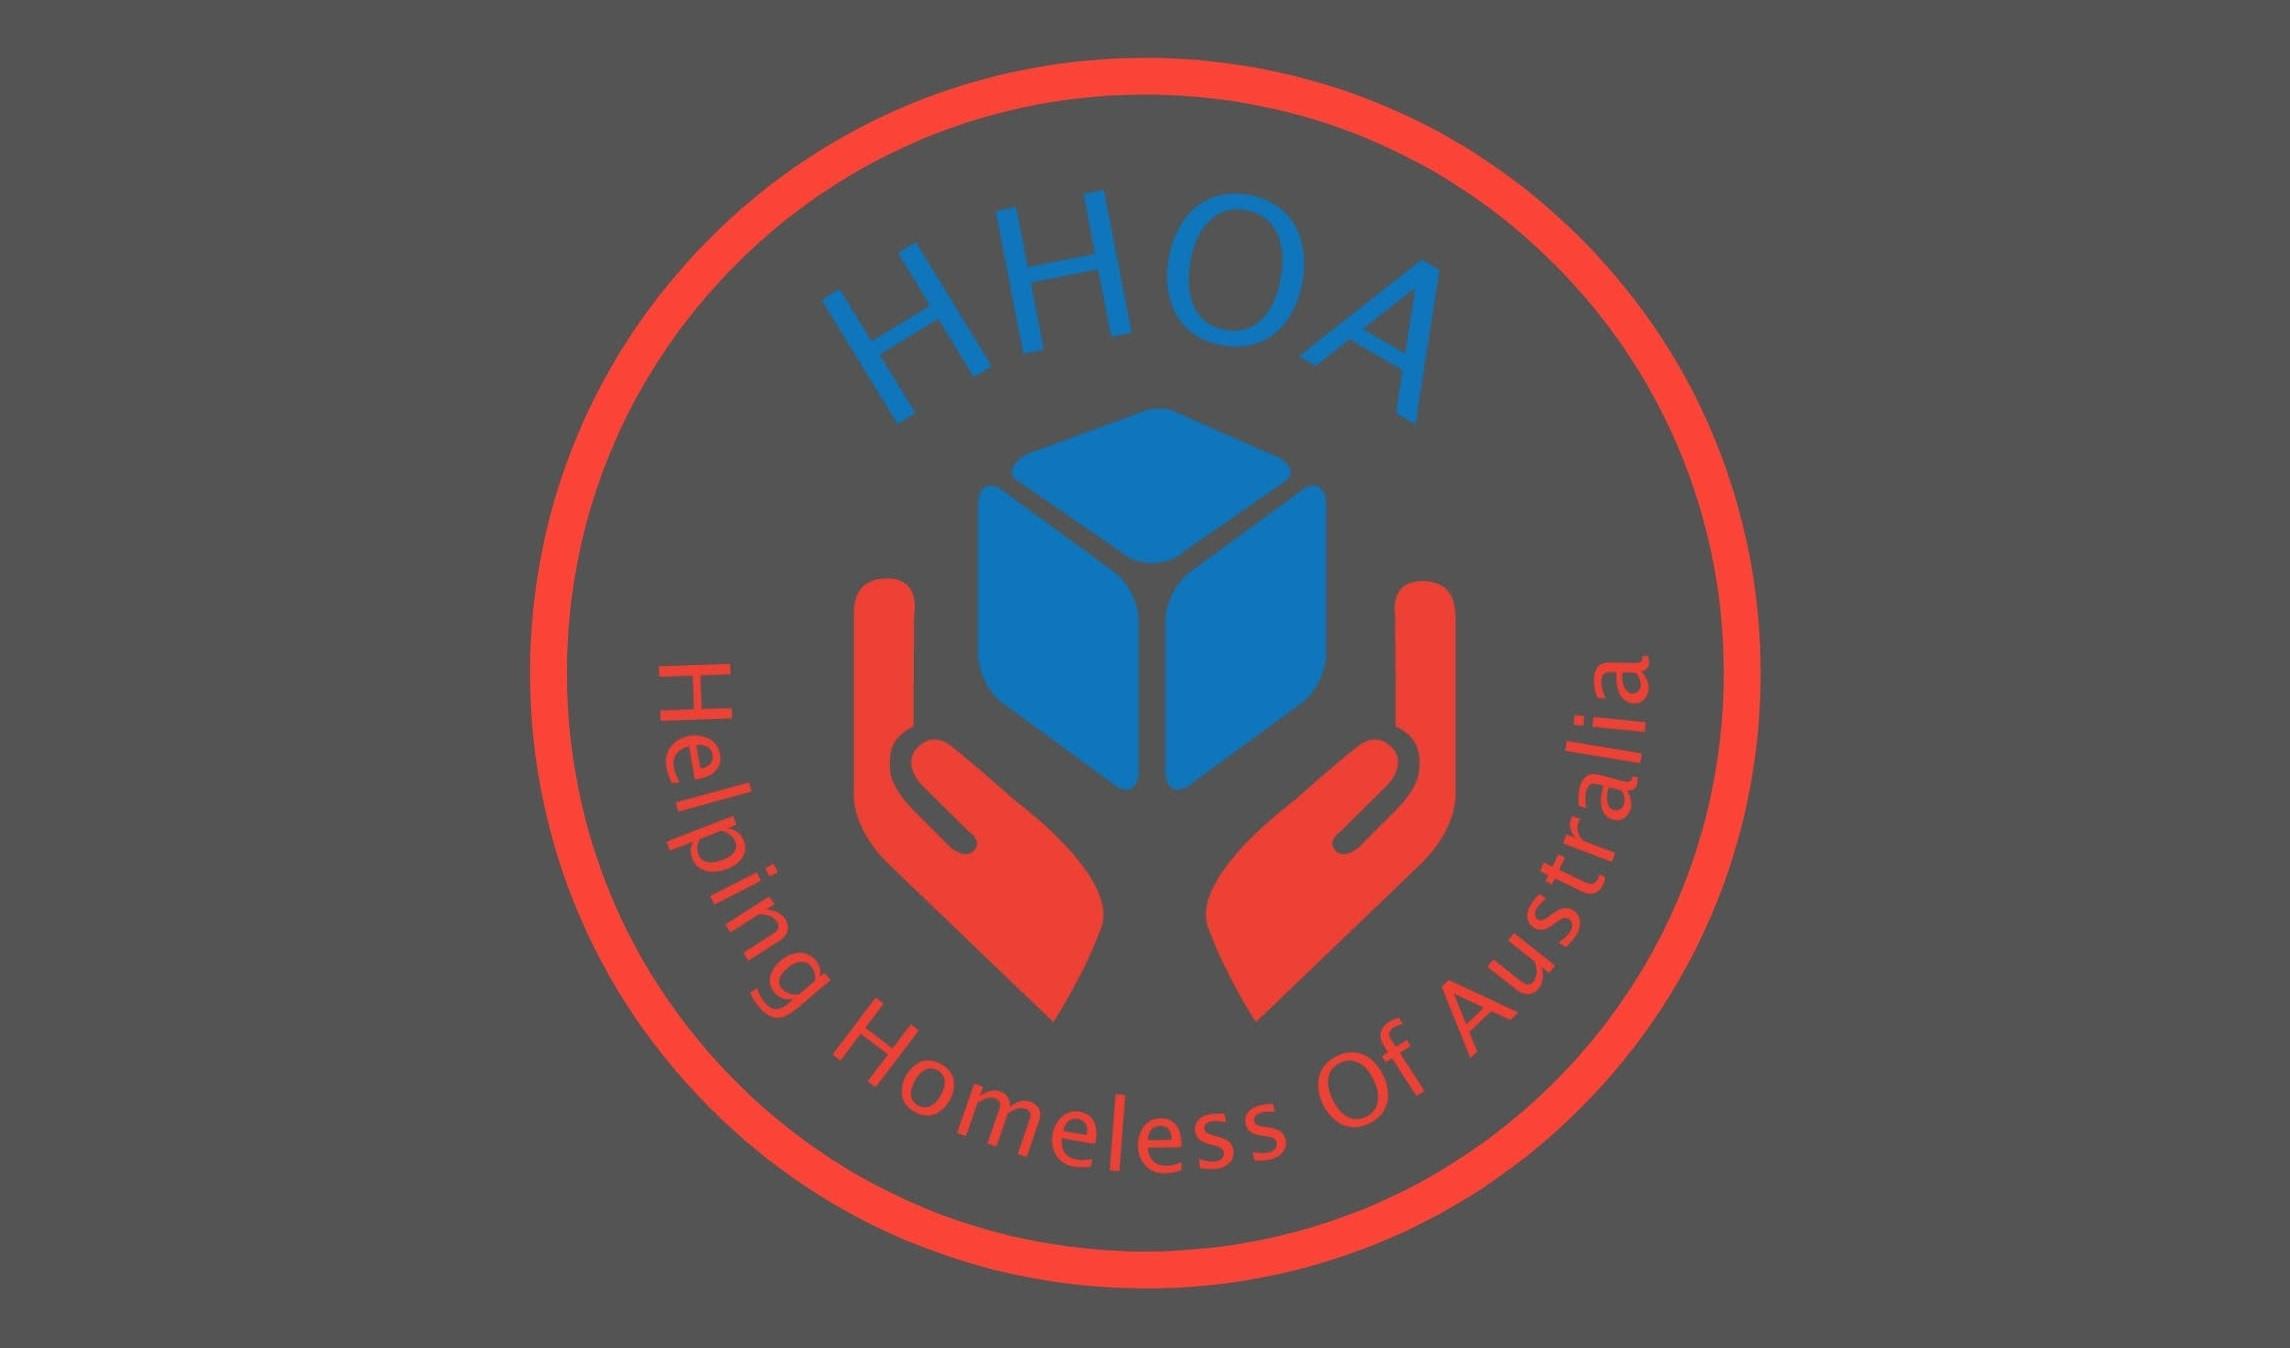 HHOA Logo